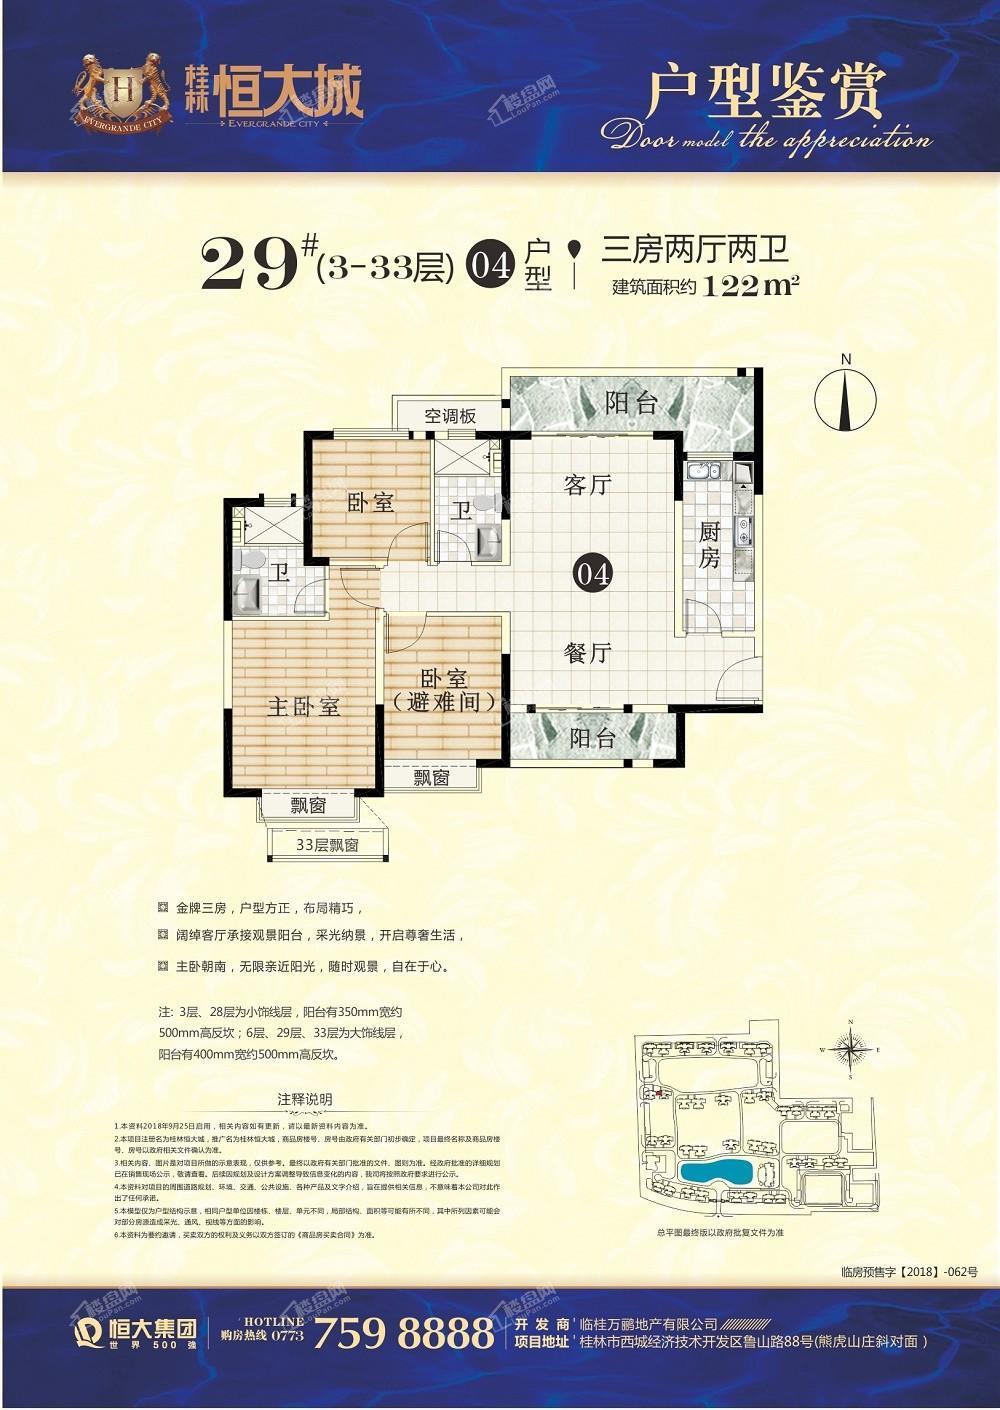 29#楼04户型122㎡三房两厅两卫